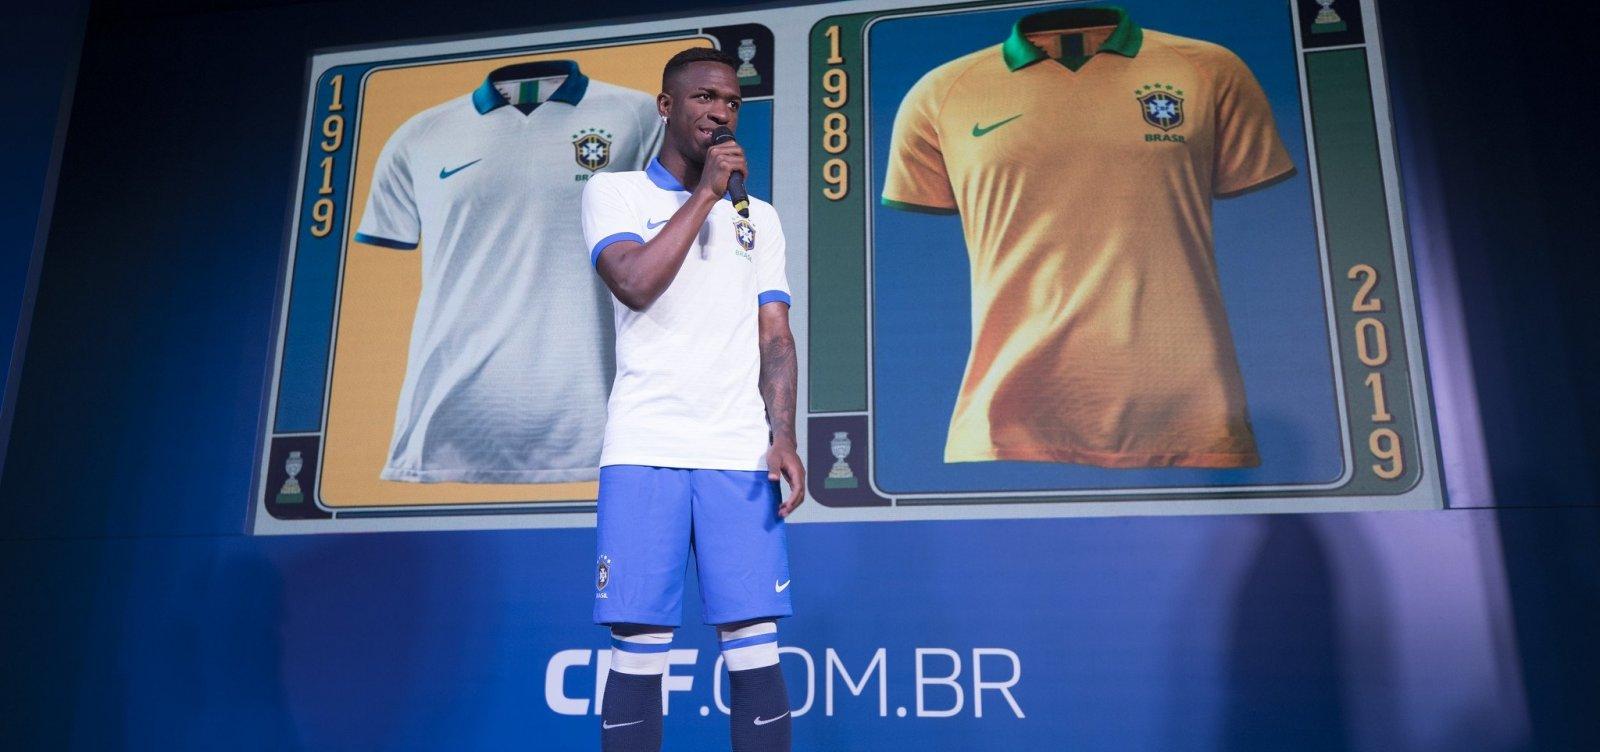 Seleção brasileira usará camisa branca no primeiro jogo da Copa América